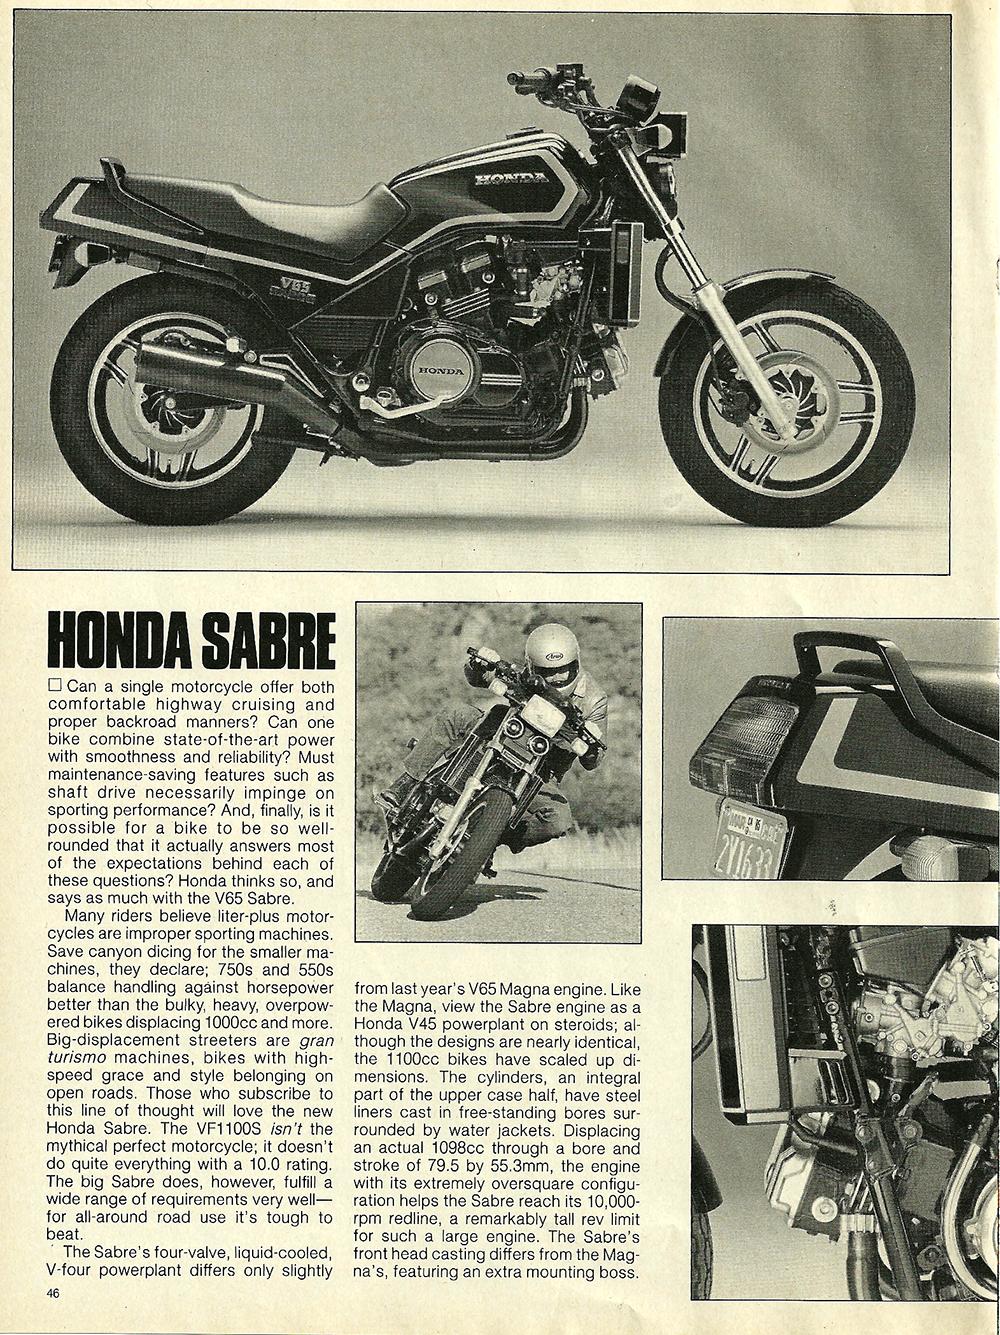 1984 Honda V65 Sabre road test 3.jpg